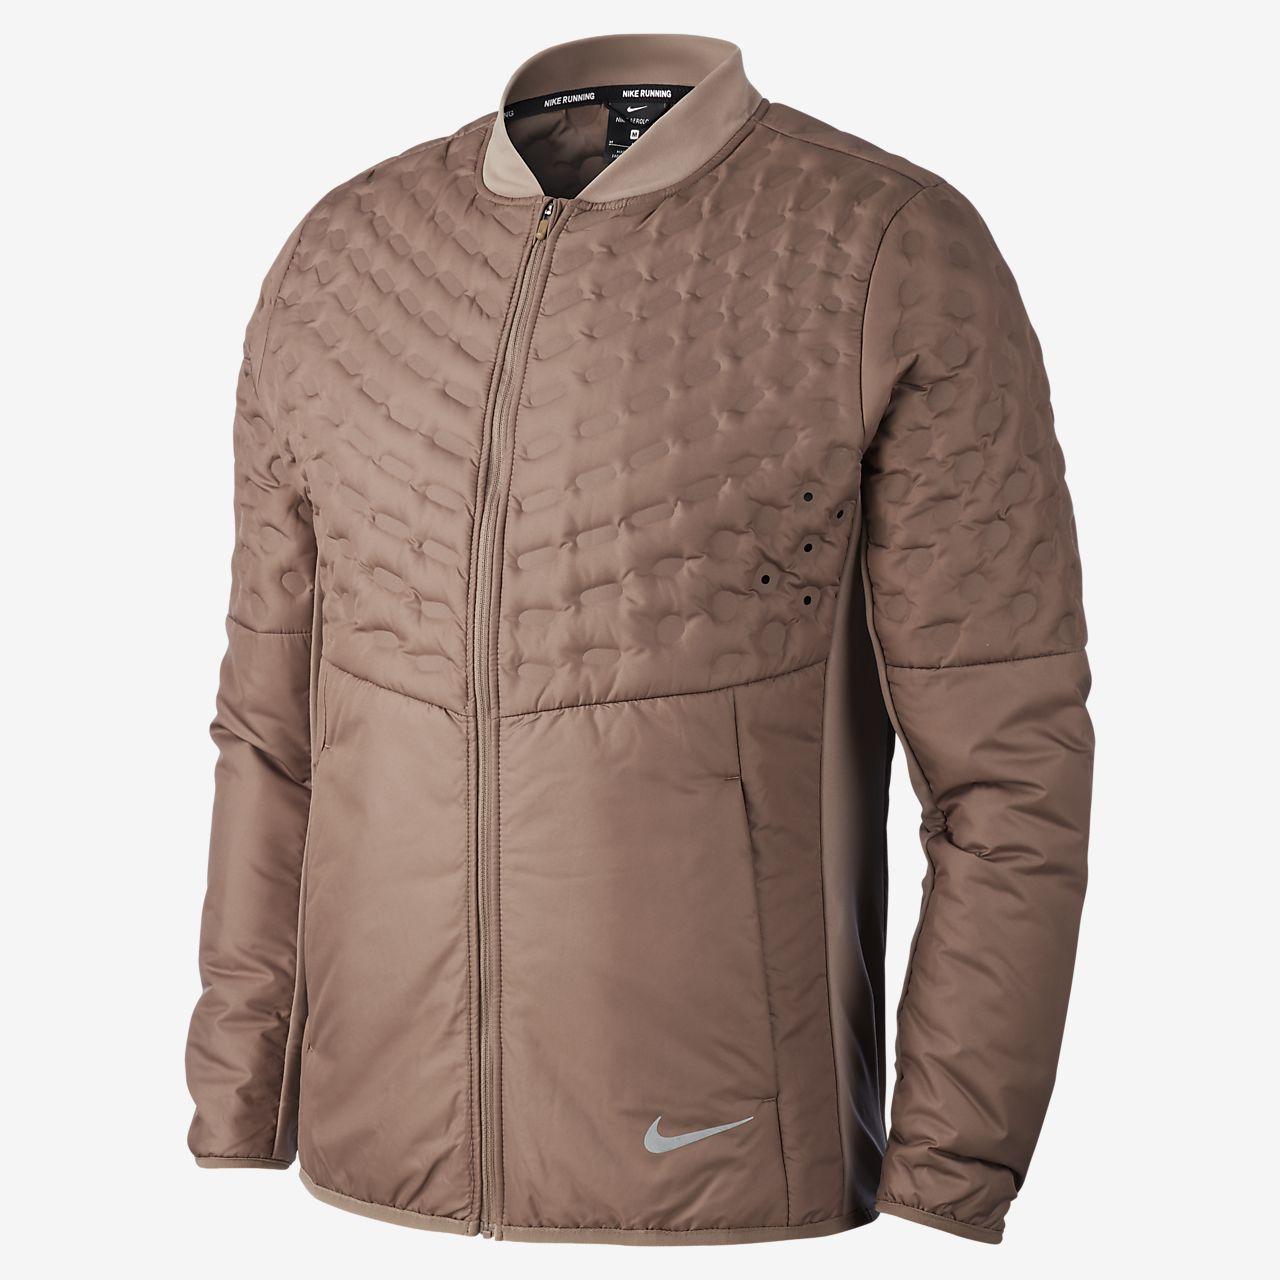 Running De Aeroloft Es Nike Chaqueta Hombre tEBTRwq 9bf5de0b88f32